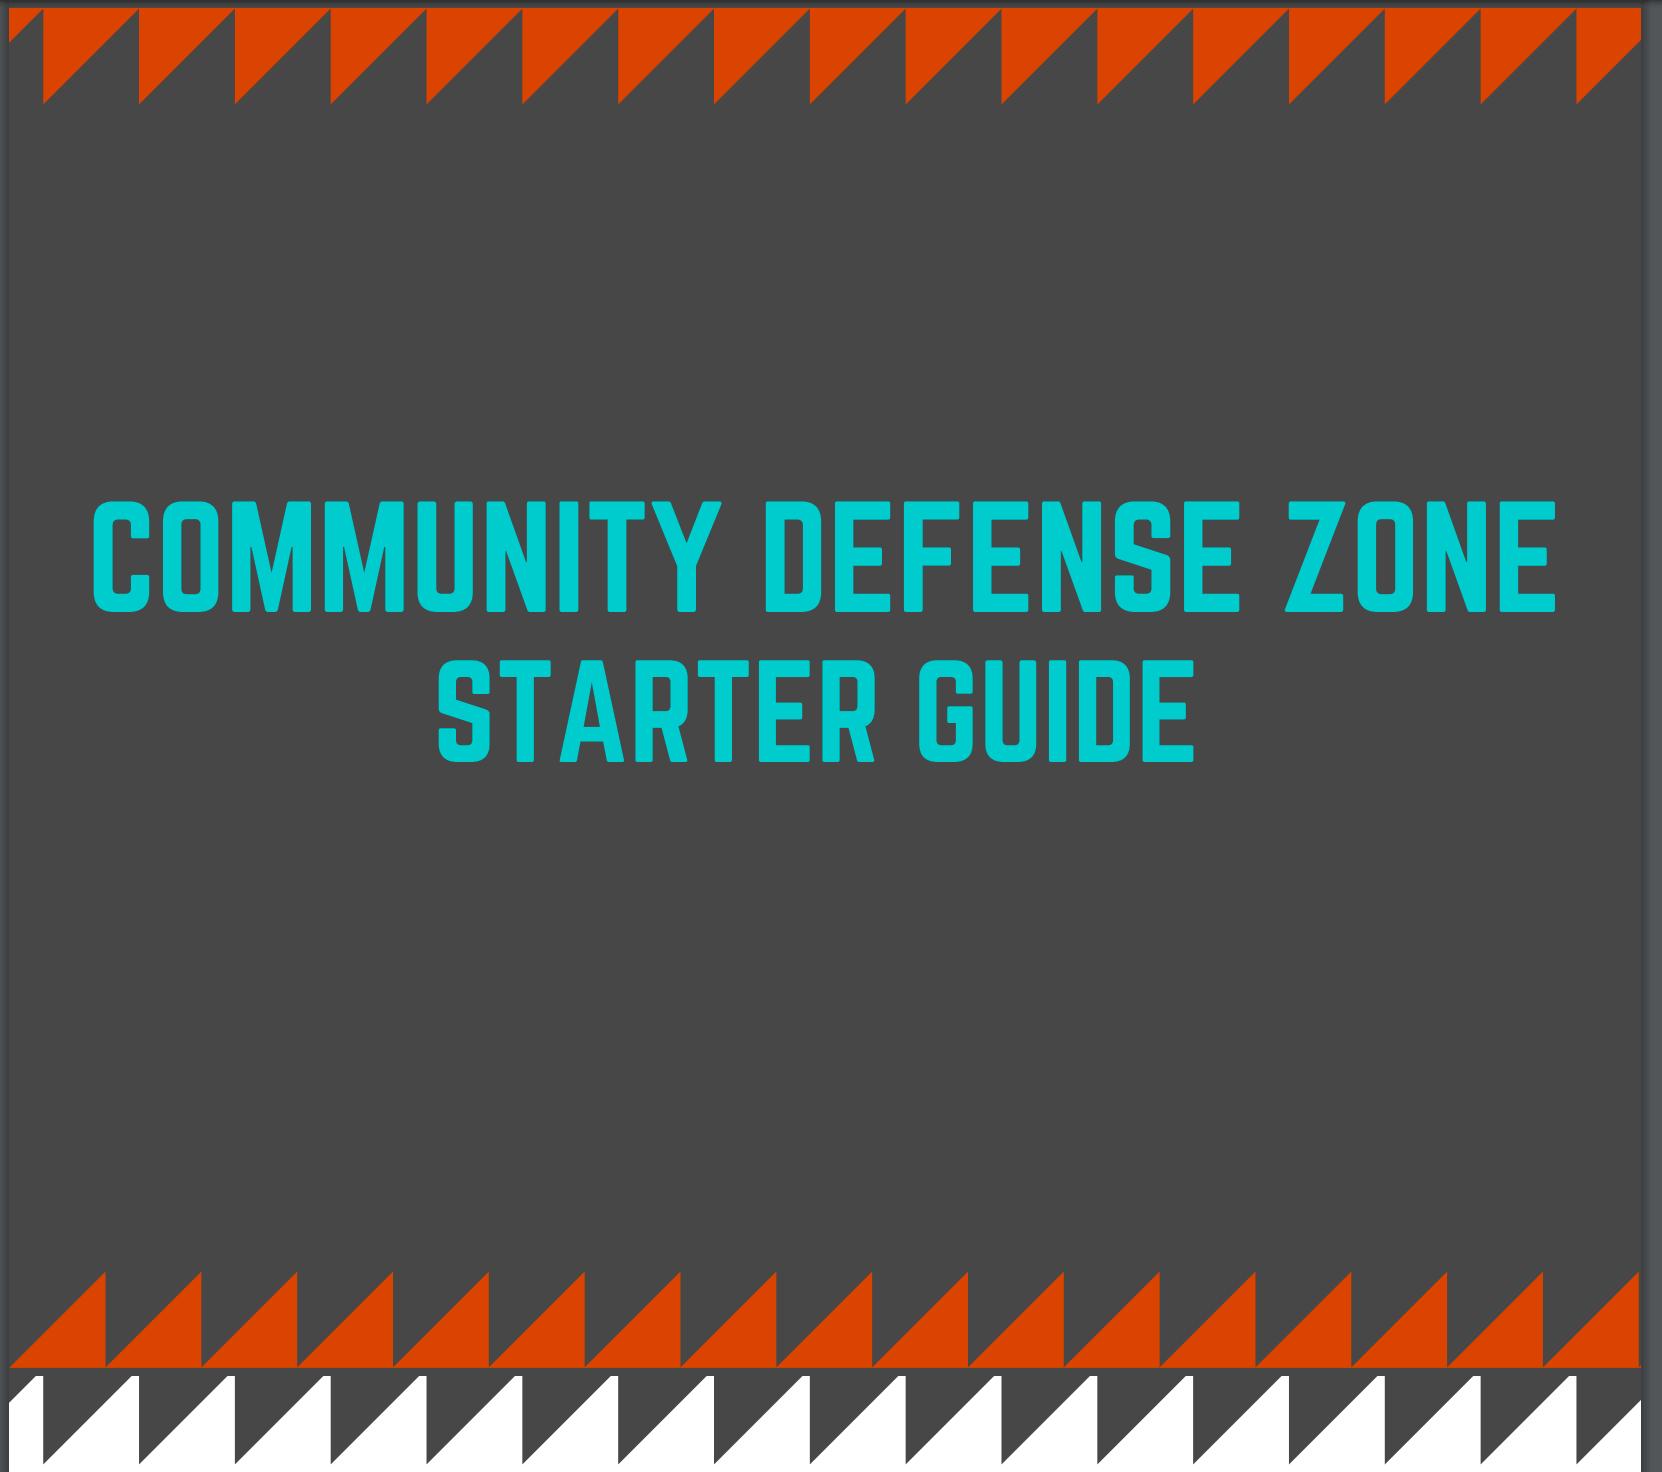 Community Defense Zone Guide